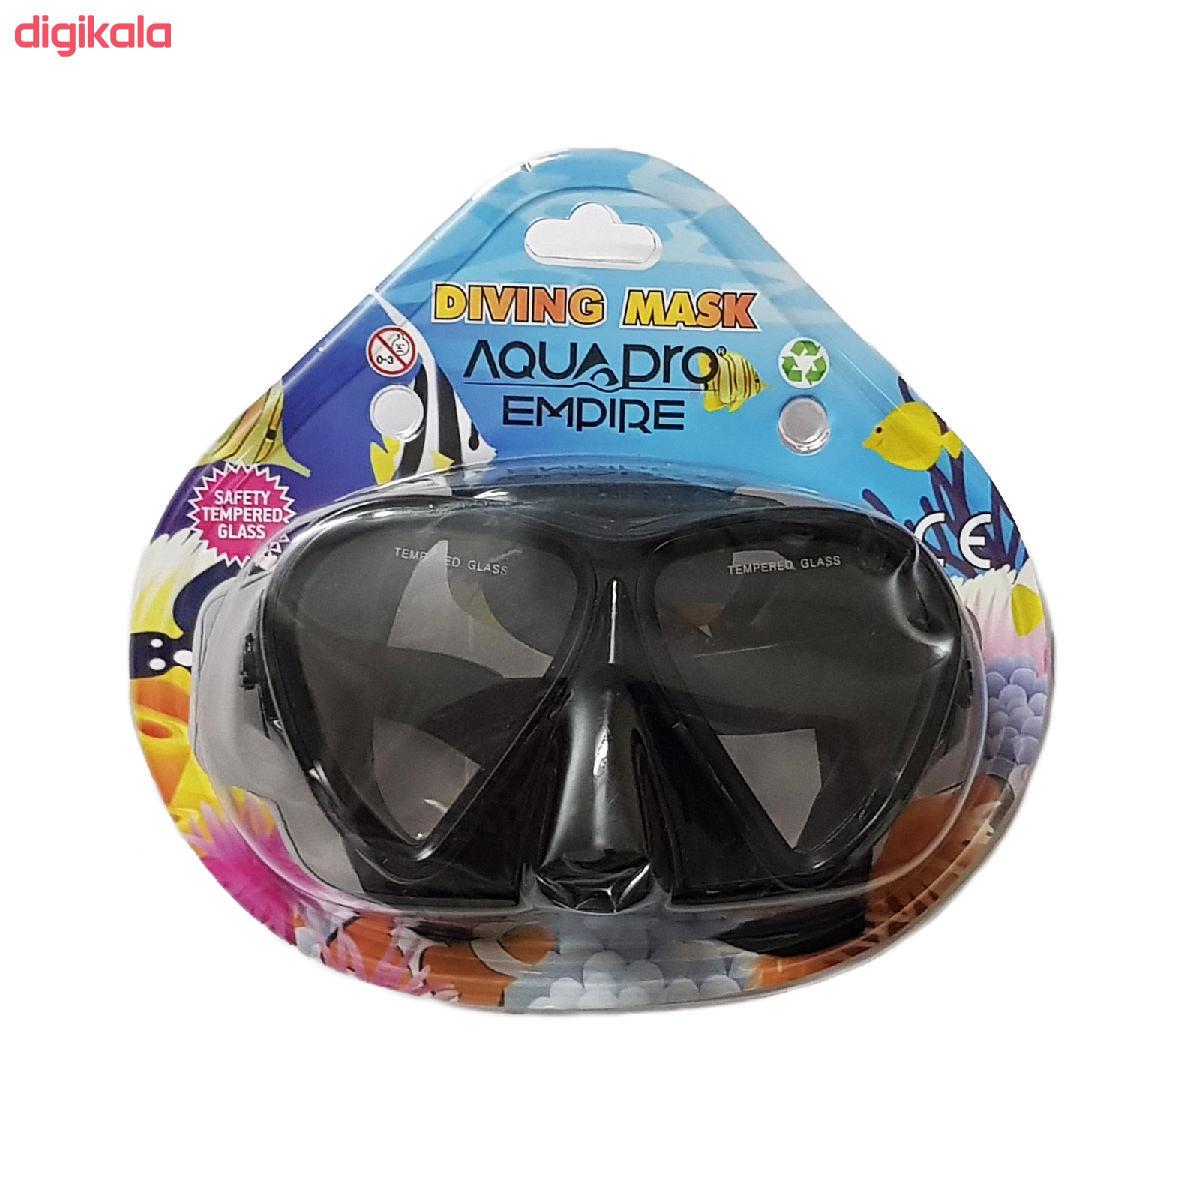 عینک و اسنورکل و فین غواصی آکوا پرو کد 58924 main 1 1